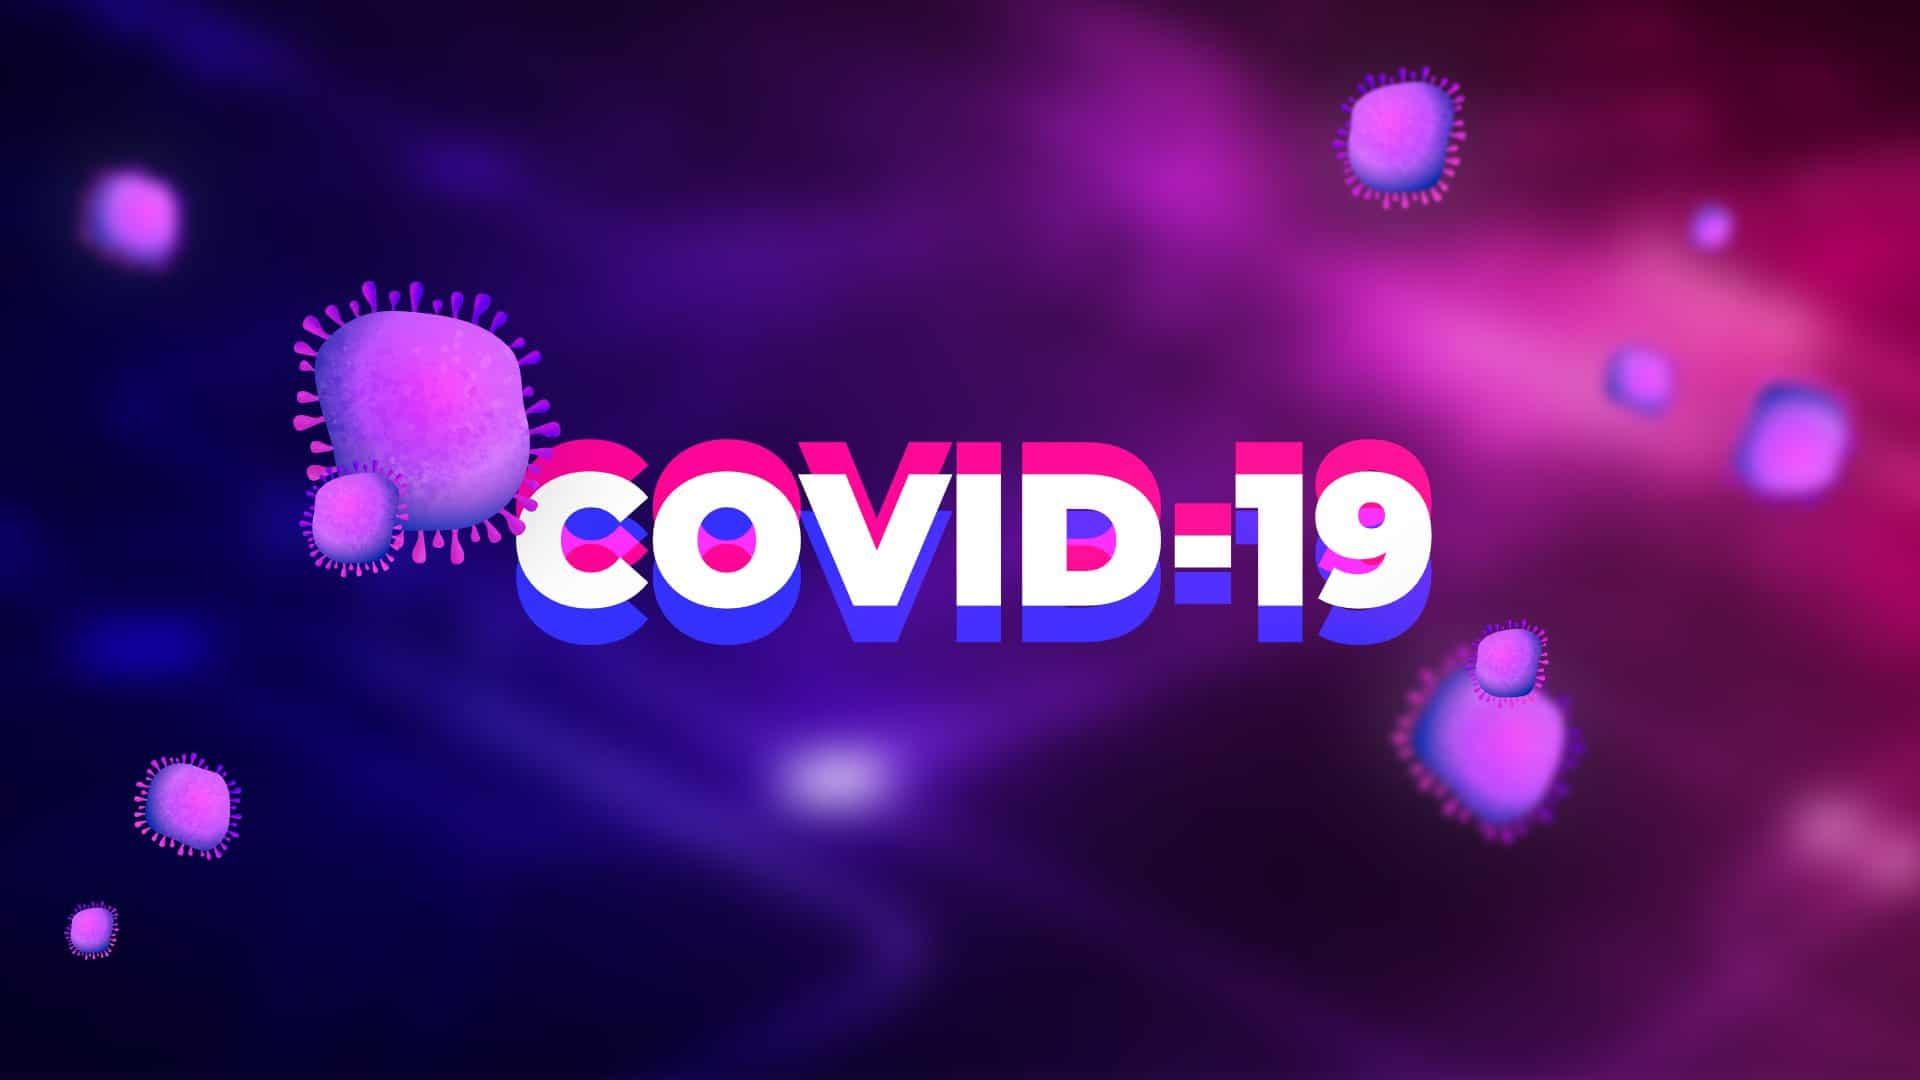 Dossier Covid-19 : Bonne nouvelle pour les entreprises !!!